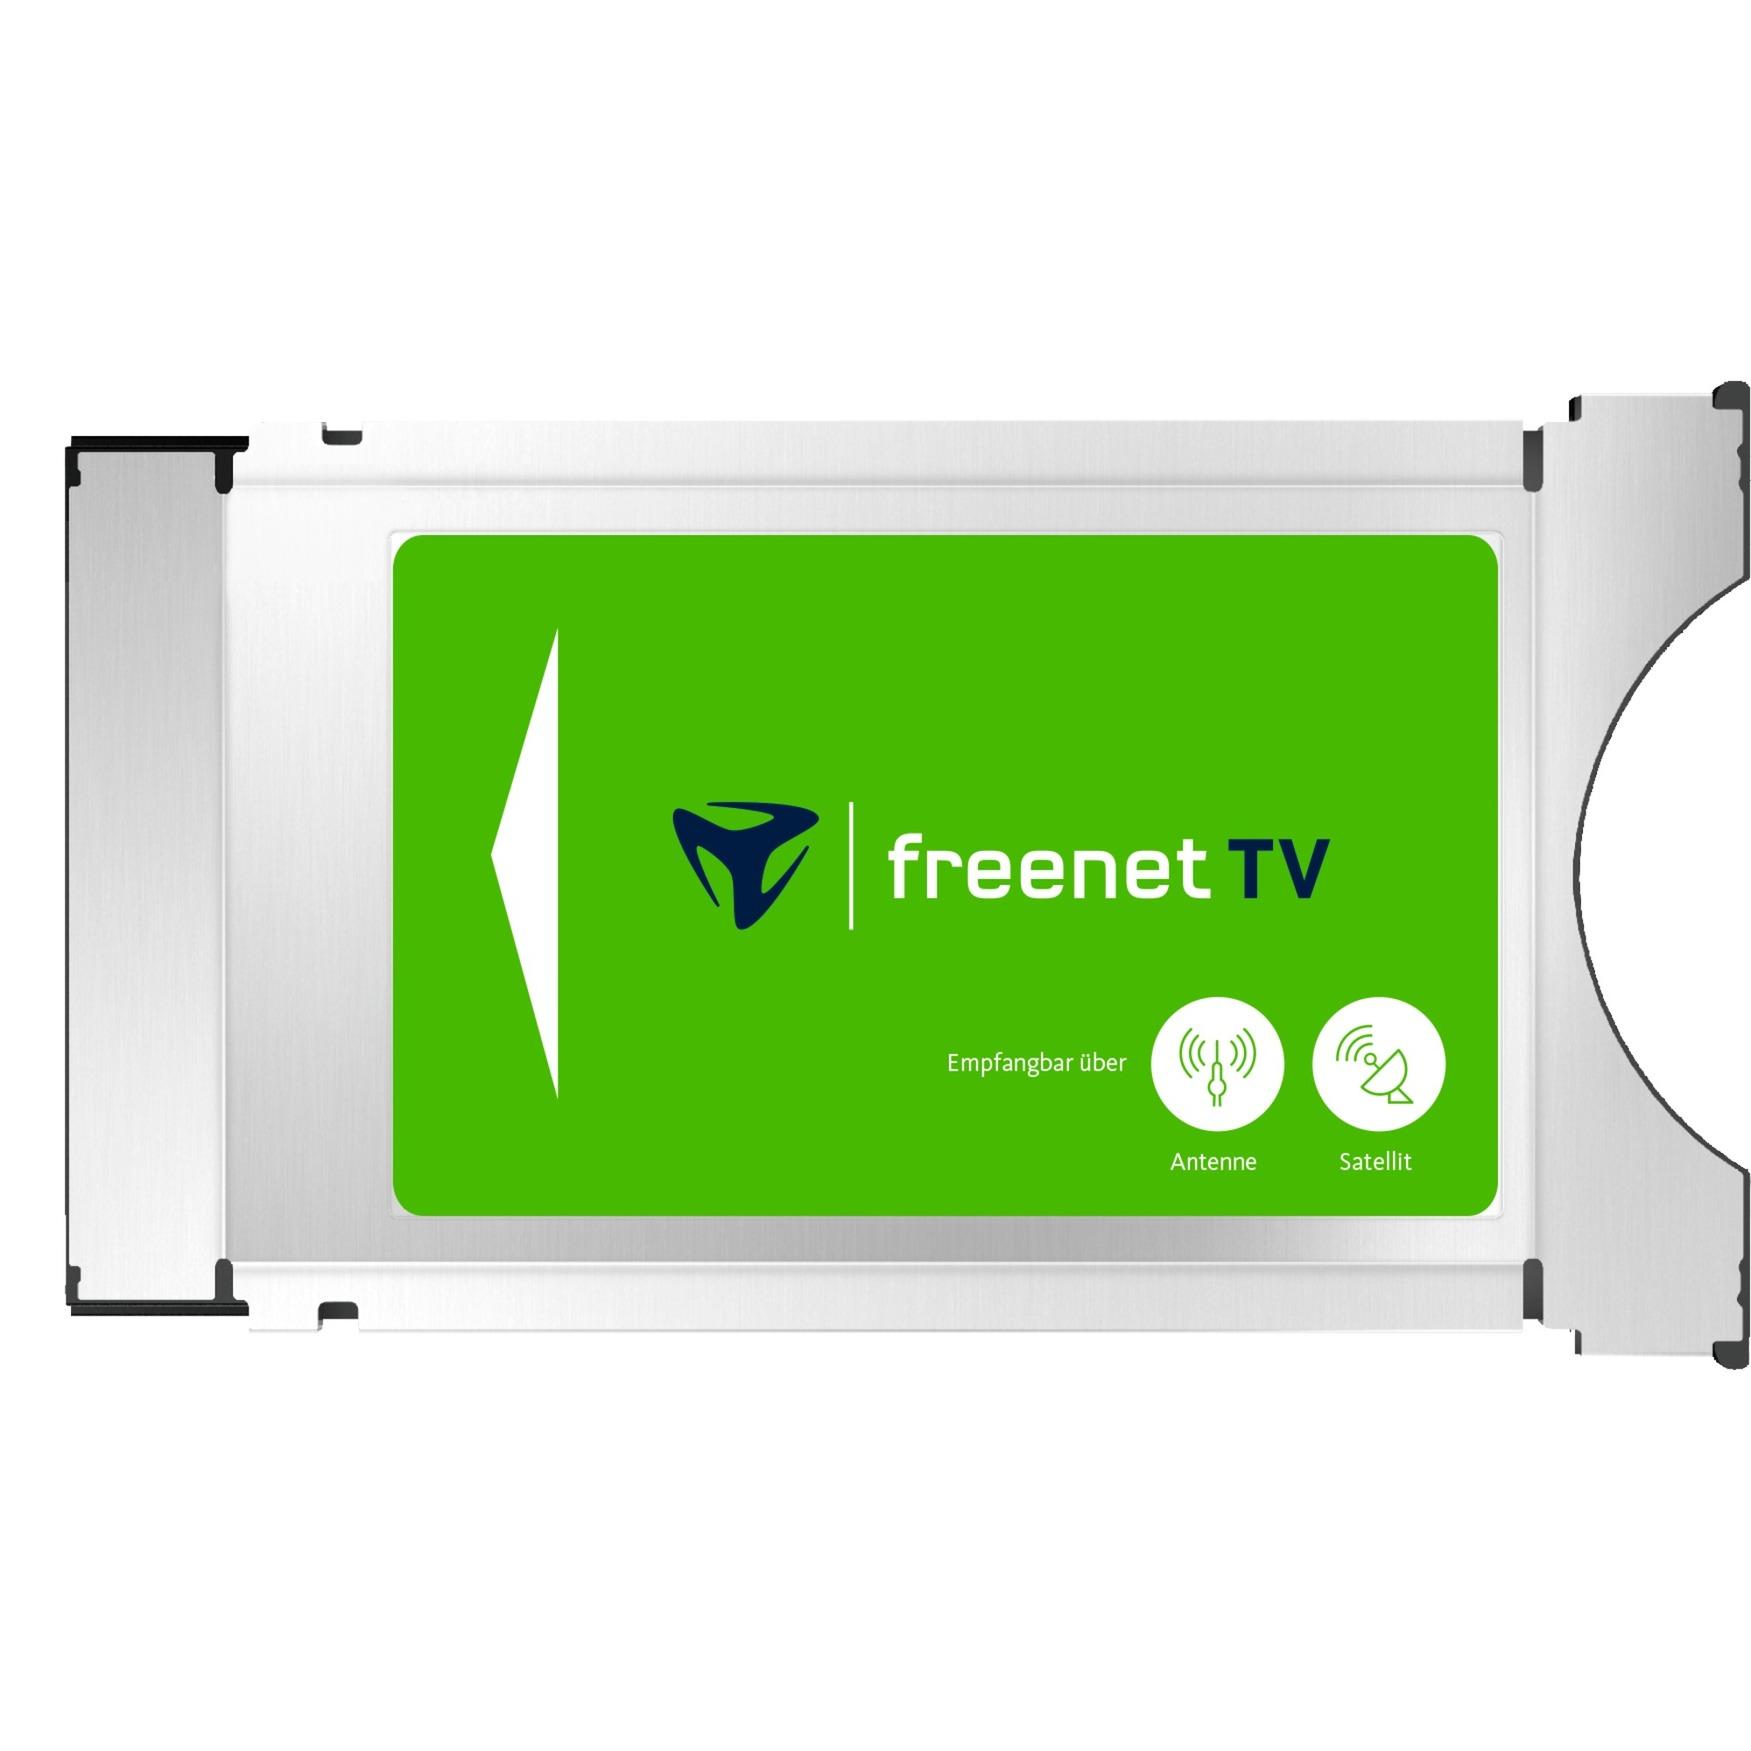 Telestar freenet TV DVB-T2 HD CI+ Modul